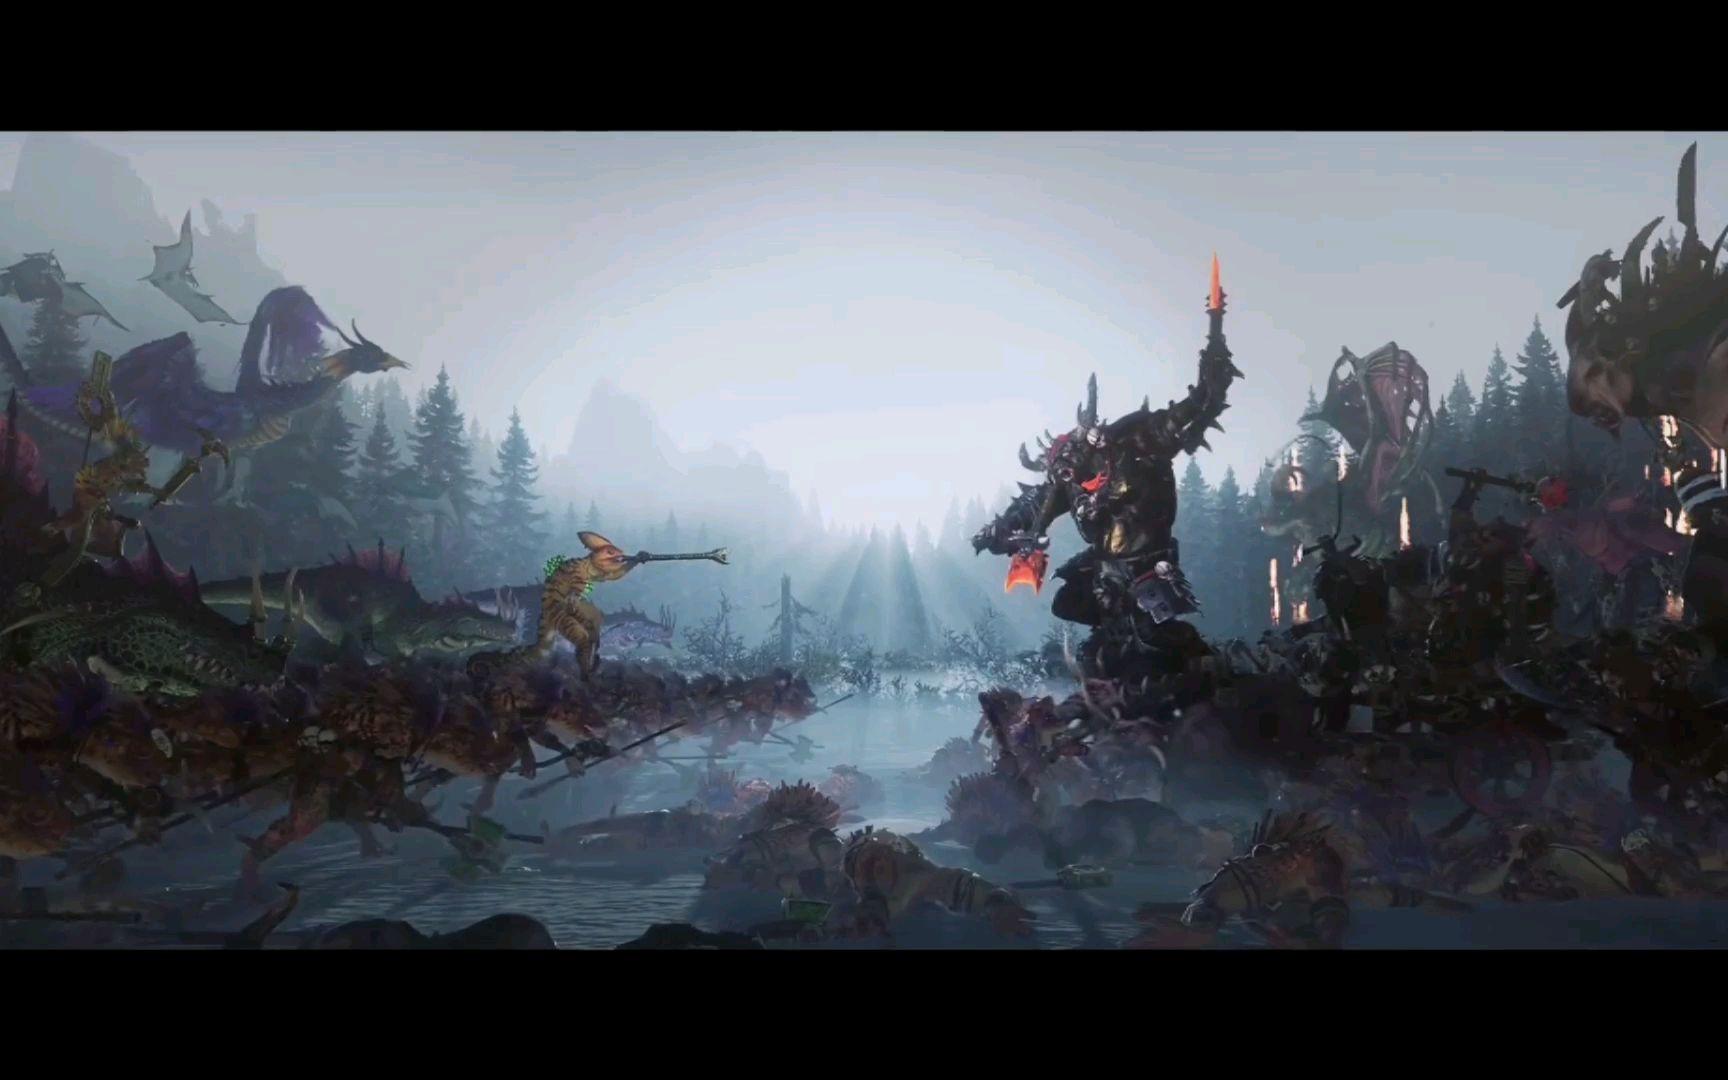 【战锤全面战争2】新DLC完整宣传片:疯语兽、牛头巨人、穴居龙亮相!